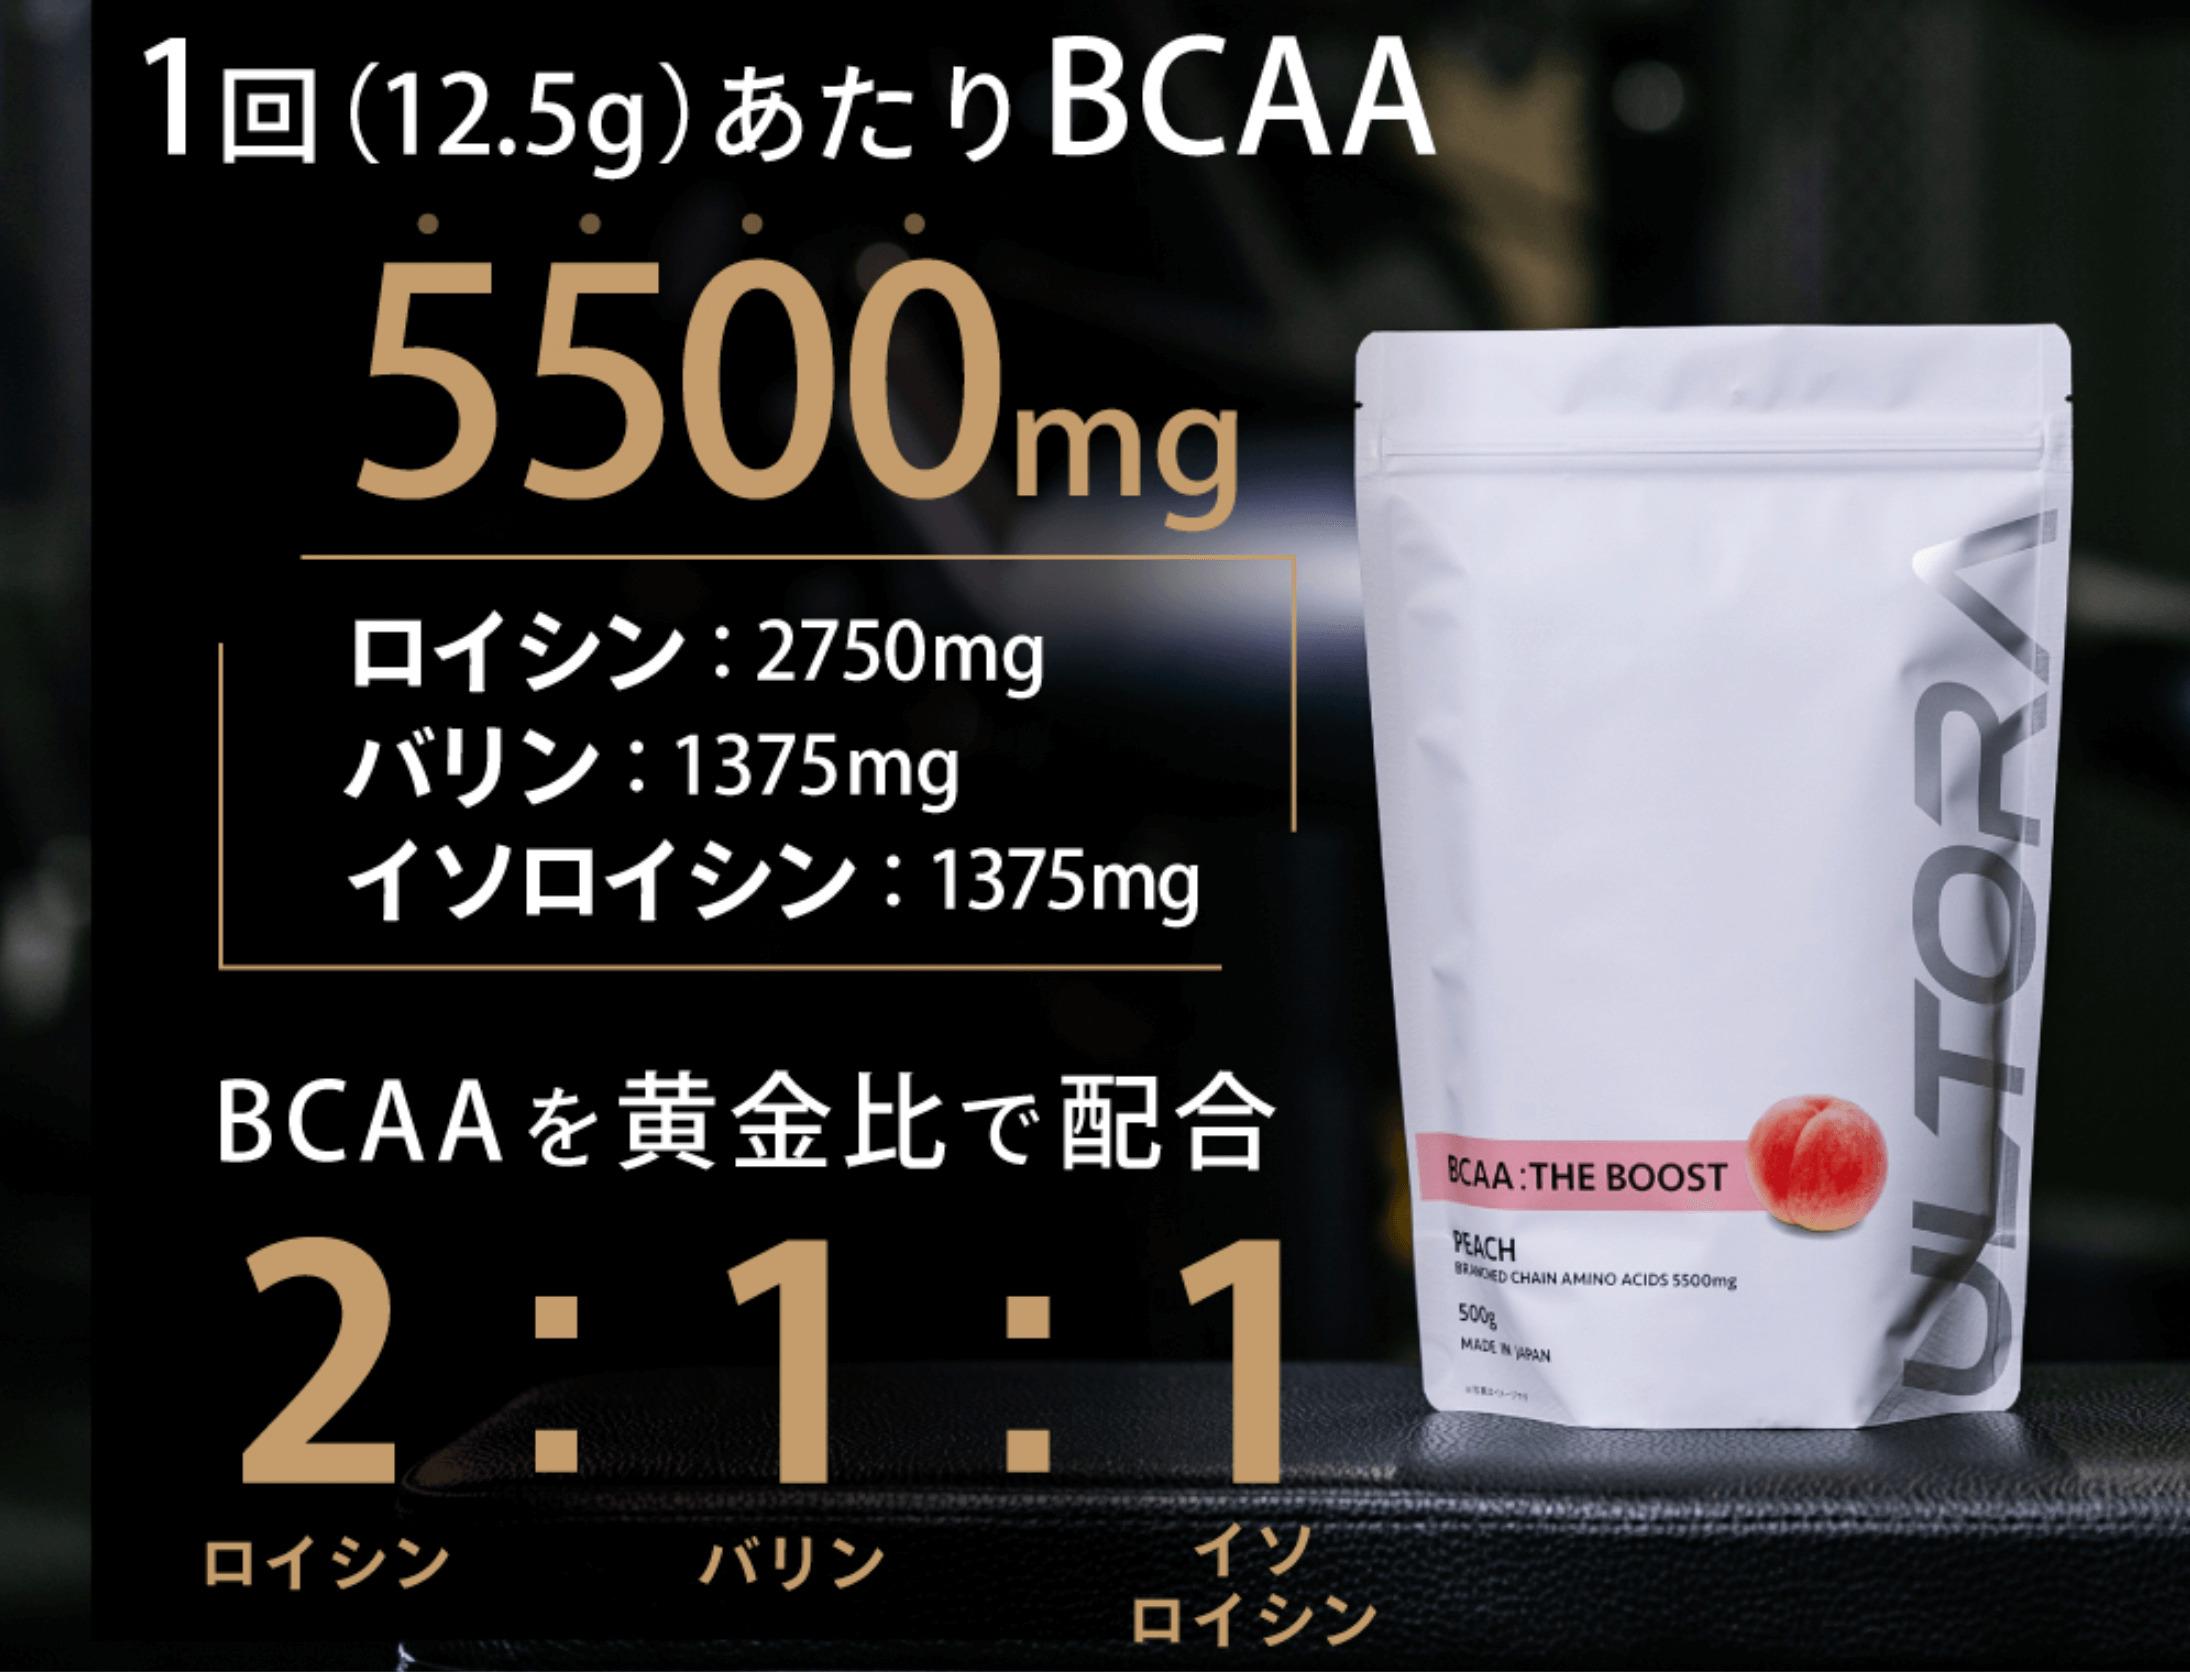 ULTORA BCAA ザ・ブーストの特徴②|国内最高峰の品質のBCAAパウダーを実現